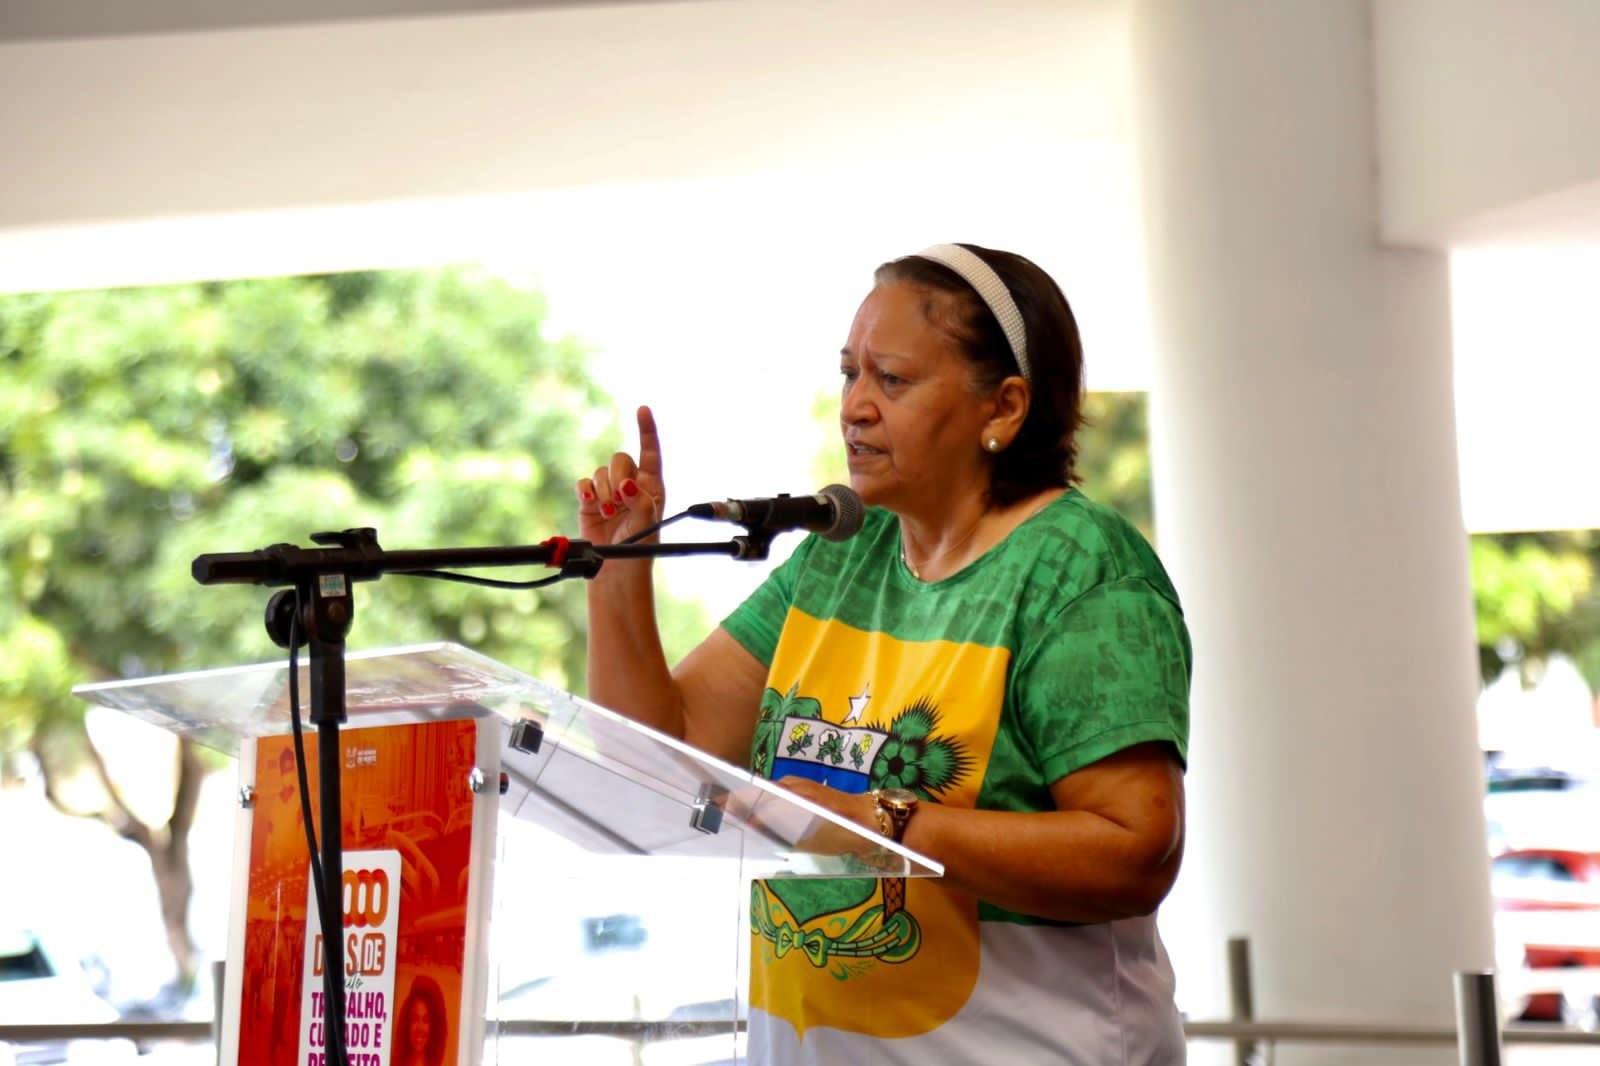 Governadora faz balanço de mil dias de gestão no RN: 'Cenário era de catástrofe'